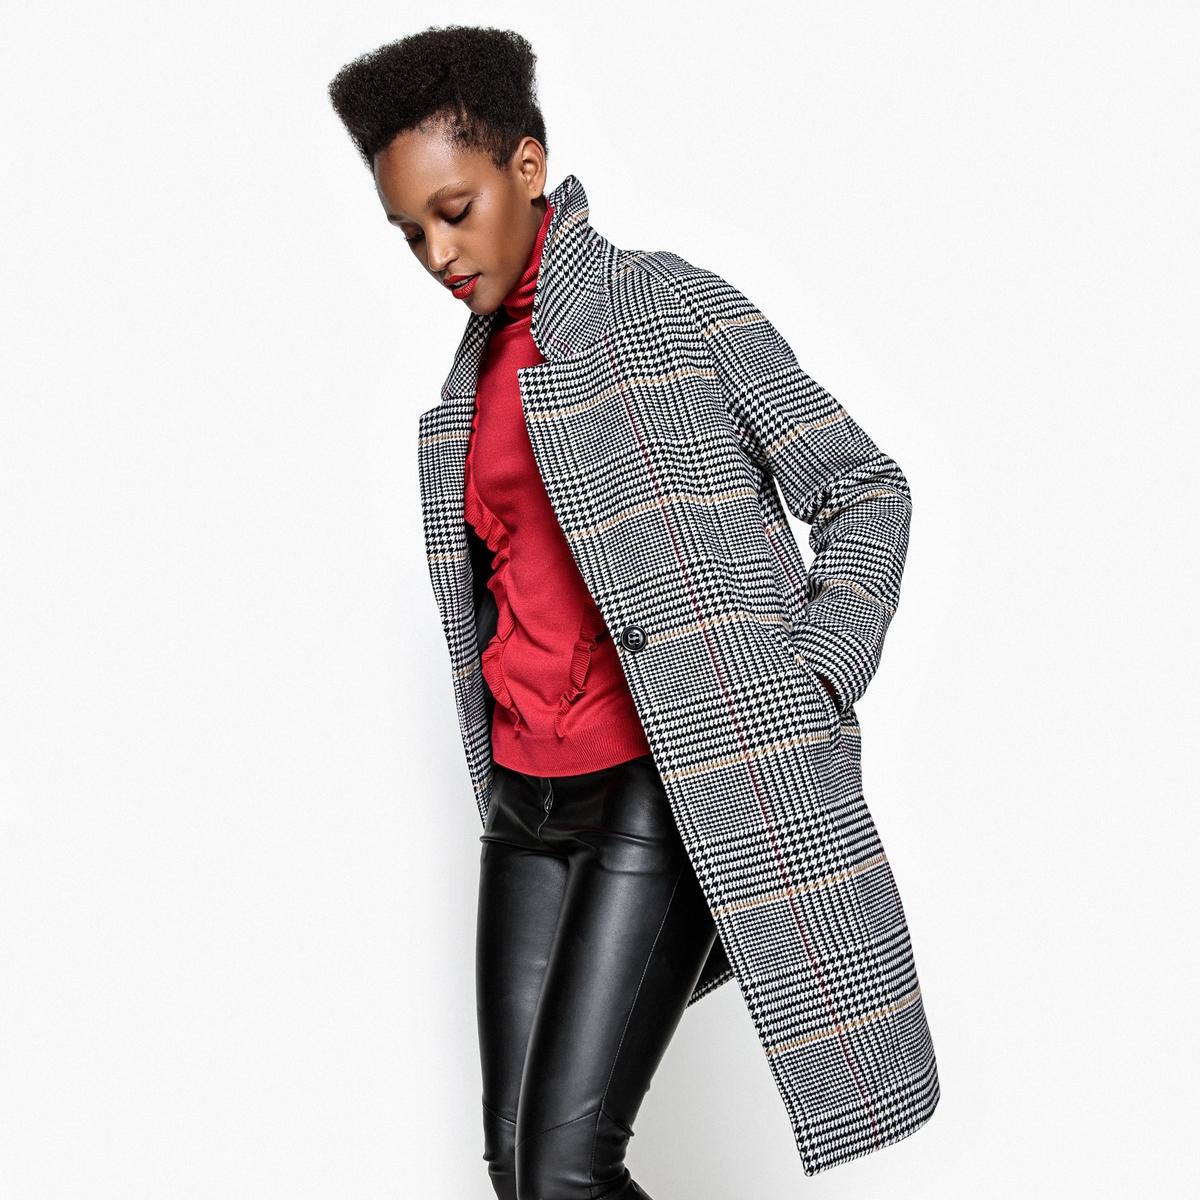 Пальто в клеткуОписание:Стильное пальто овальной формы, в котором холода вам ни по чем . Застежка на 1 пуговицу . Рукава реглан. Полностью на подкладке.Детали •  Длина : удлиненная модель •  Воротник-поло, рубашечный •  Рисунок в клетку • Застежка на пуговицыСостав и уход •  2% вискозы, 15% шерсти, 27% акрила, 4% полиамида • Не стирать •  Не использовать сухую чистку / не отбеливать   •  Не использовать барабанную сушку   •  Низкая температура глажки •  Длина : 99 см<br><br>Цвет: В клетку/фон экрю<br>Размер: 52 (FR) - 58 (RUS).50 (FR) - 56 (RUS).48 (FR) - 54 (RUS).44 (FR) - 50 (RUS).42 (FR) - 48 (RUS).40 (FR) - 46 (RUS).38 (FR) - 44 (RUS).36 (FR) - 42 (RUS)